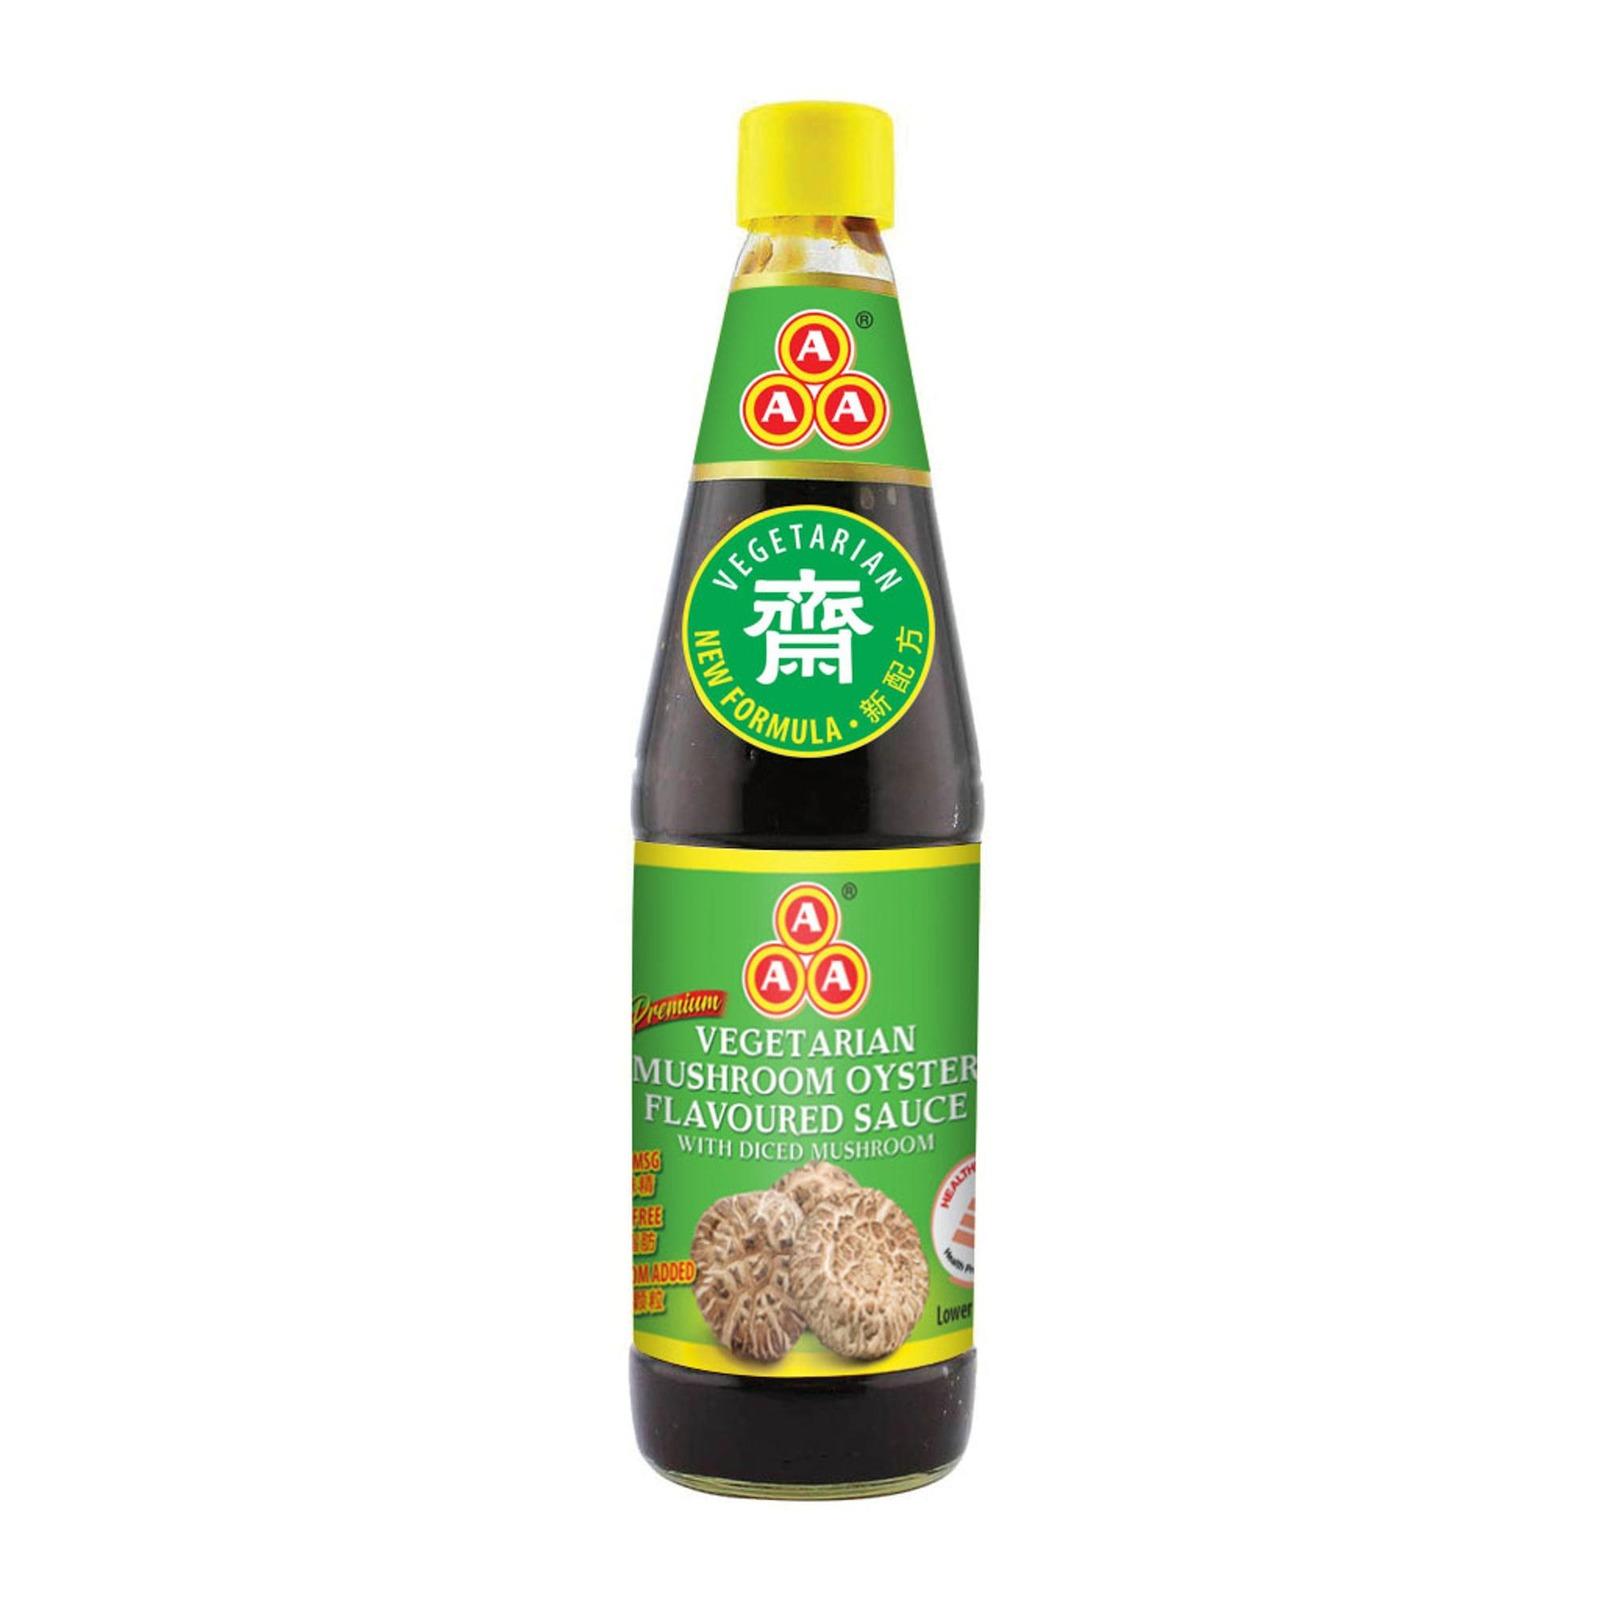 AAA Premium Vegetarian Mushroom Oyster Flavoured Sauce With Diced Mushroom